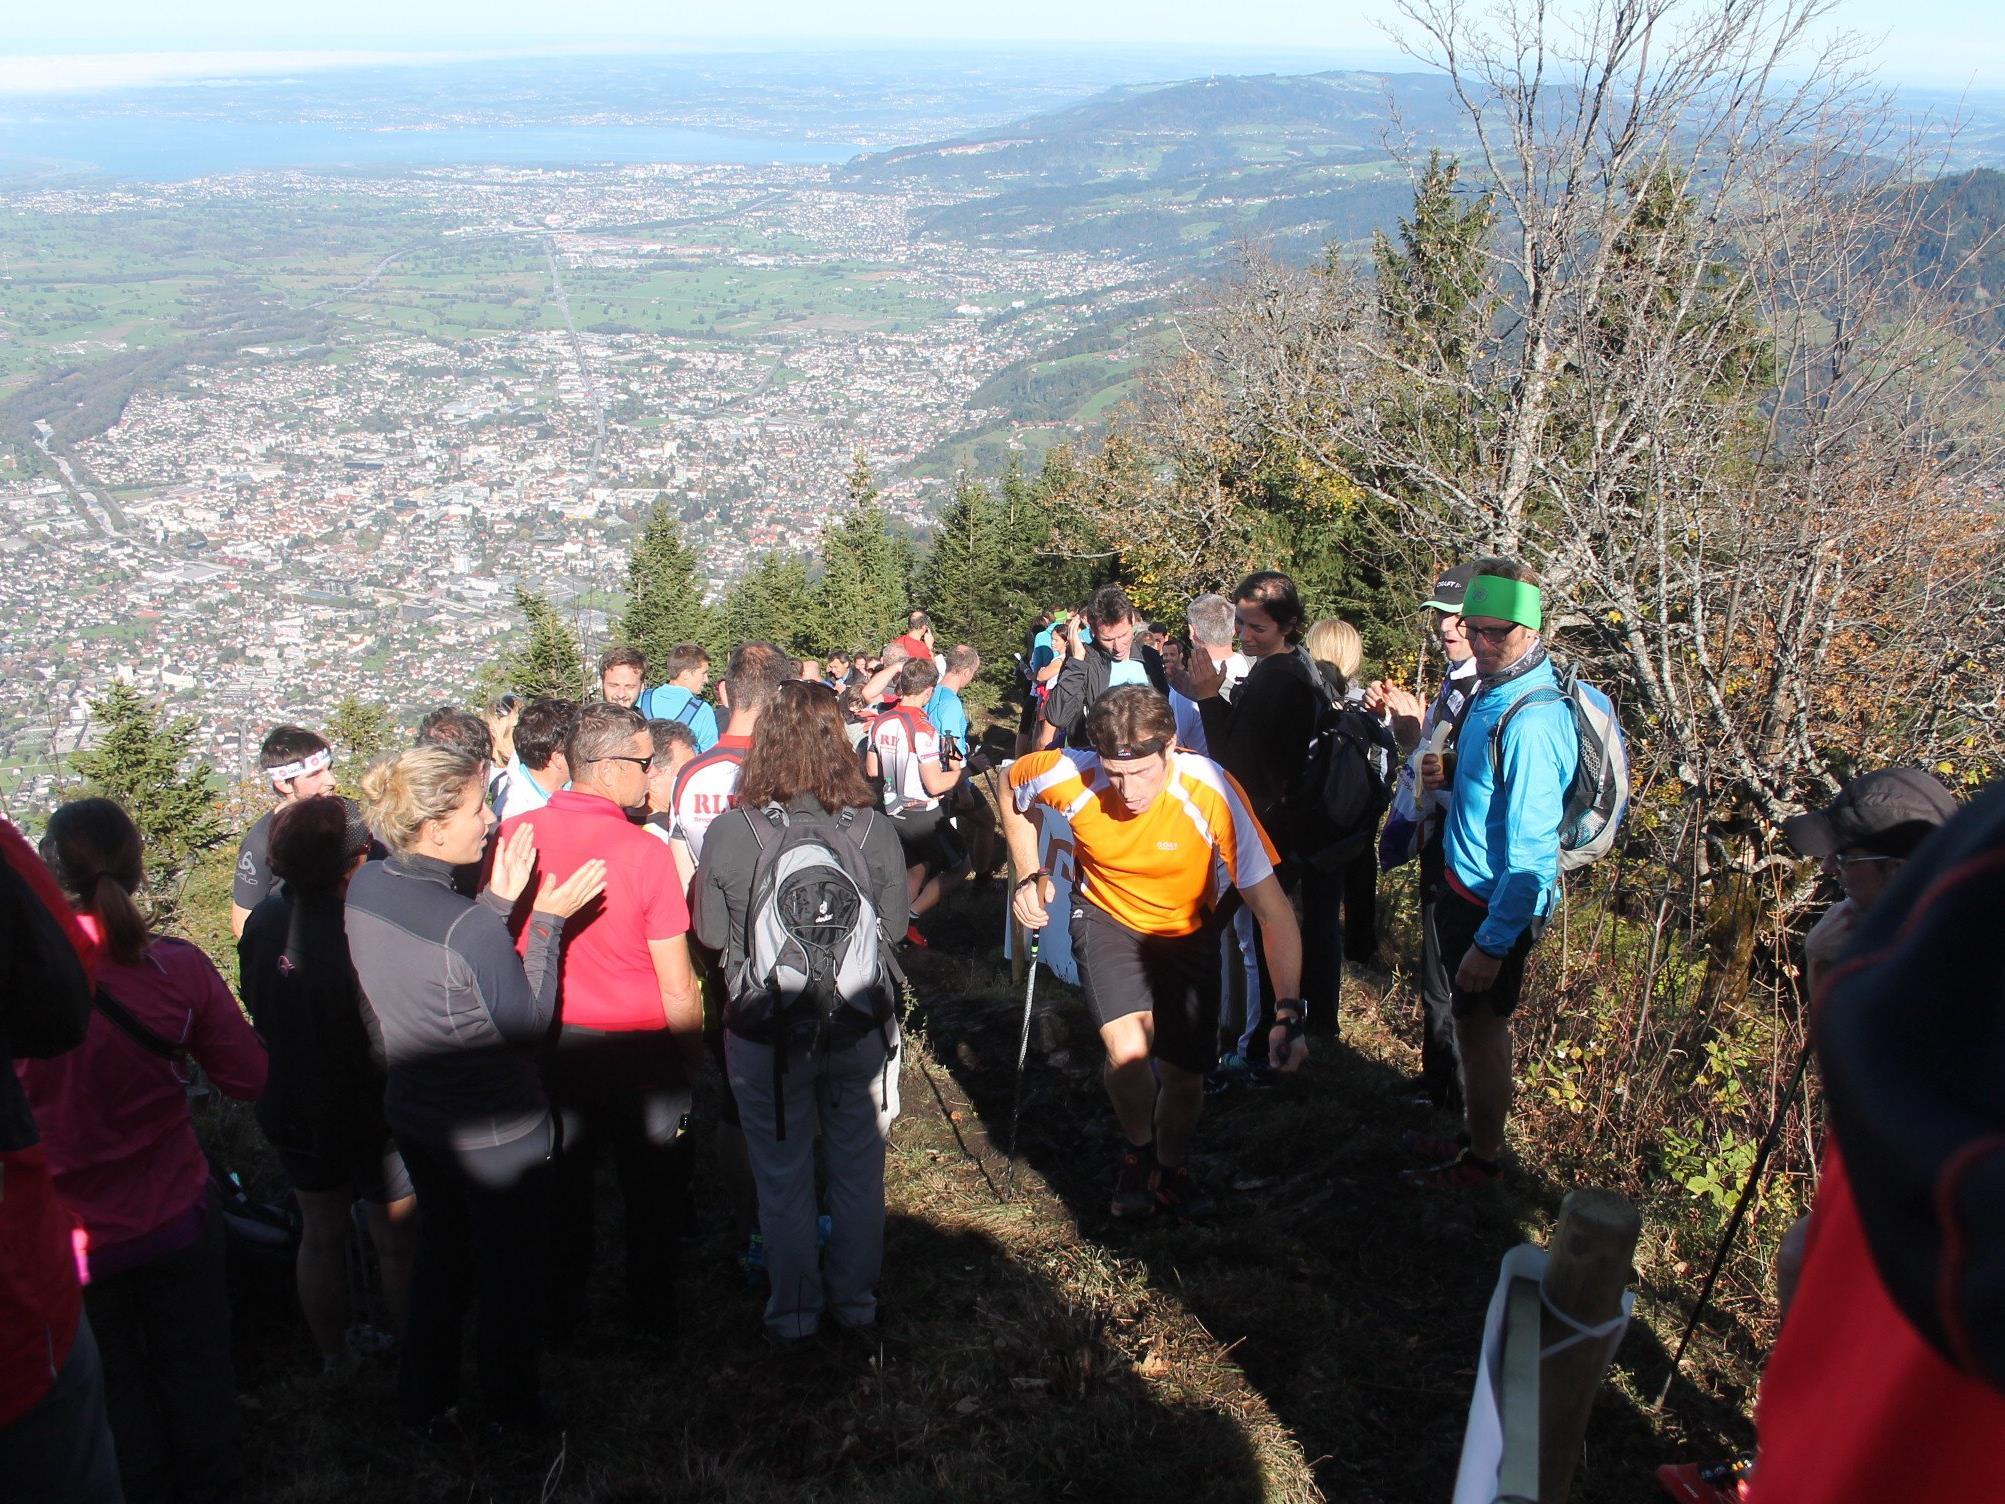 Kommenden Samstag steht der Staufen und die ambitionierten Bergläufer wieder im Mittelpunkt.